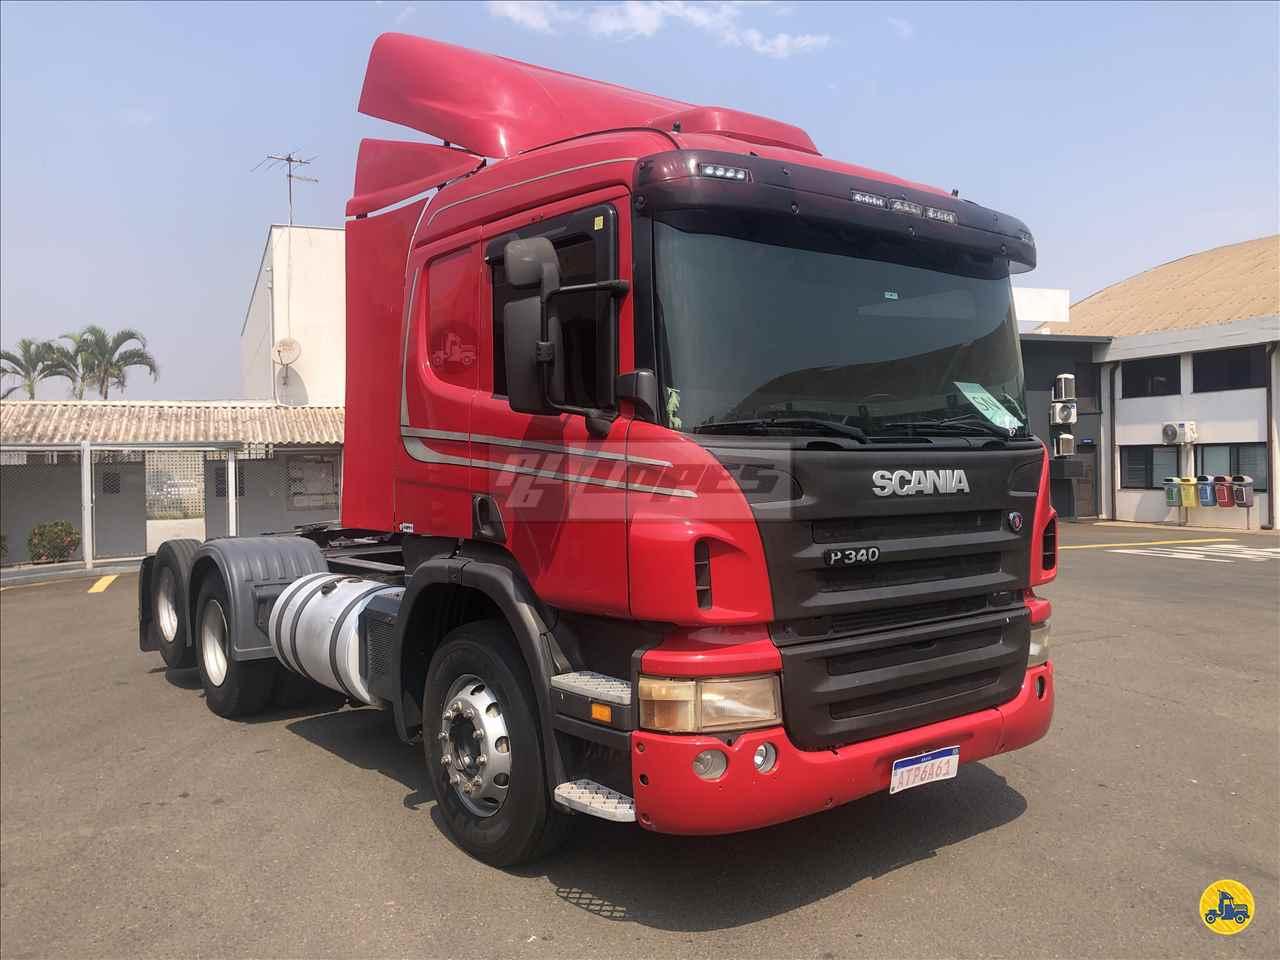 CAMINHAO SCANIA SCANIA P340 Cavalo Mecânico Truck 6x2 P.B. Lopes - Scania MARINGA PARANÁ PR